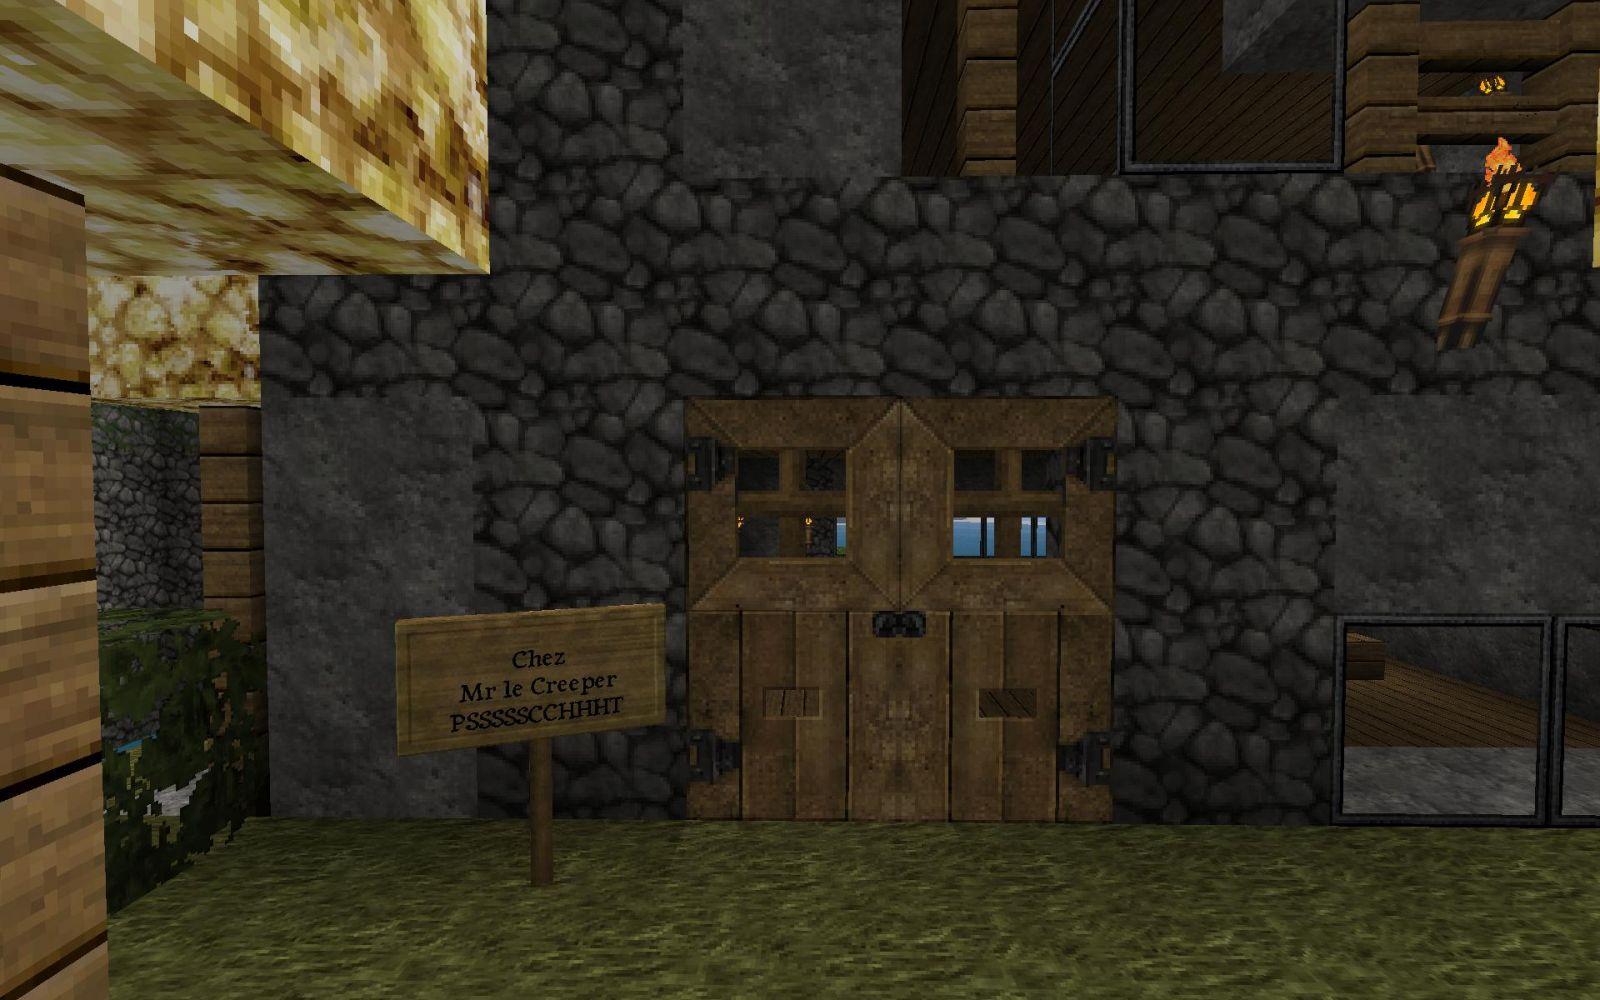 Maison de N3cR0n0M1k0V :D